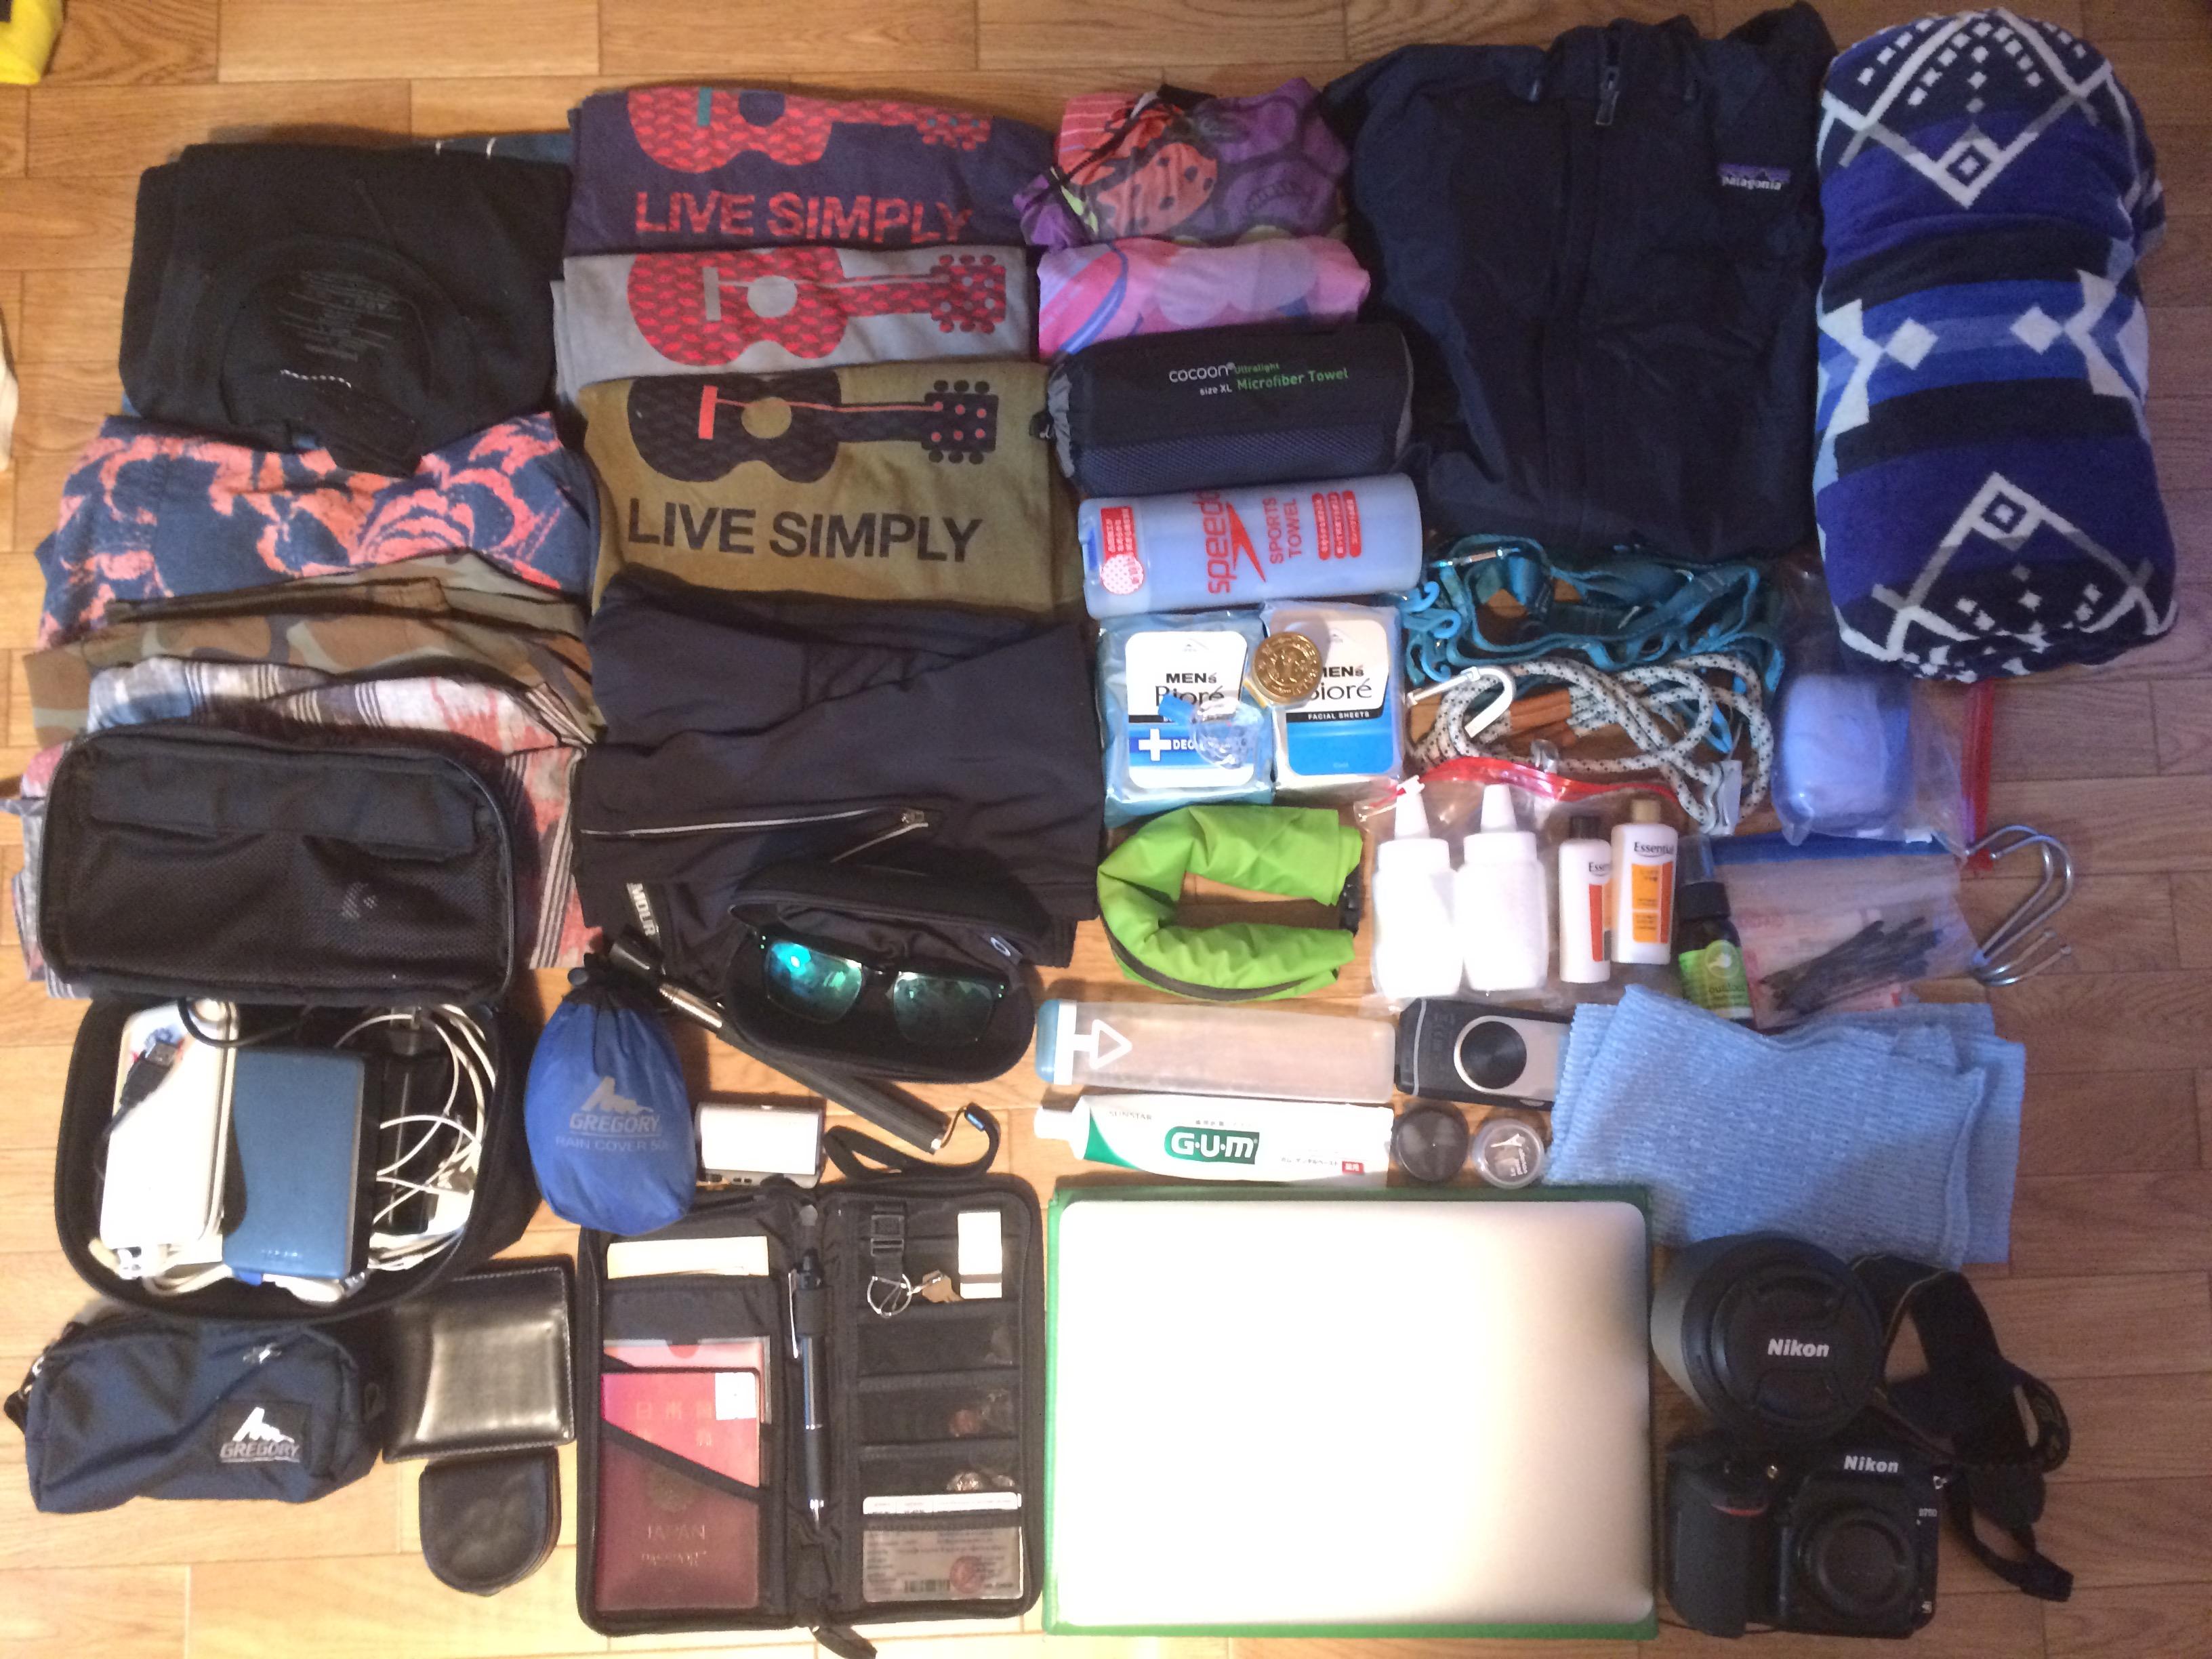 【カンボジア旅行の持ち物】10泊11日のカバンの中身はこんな感じ